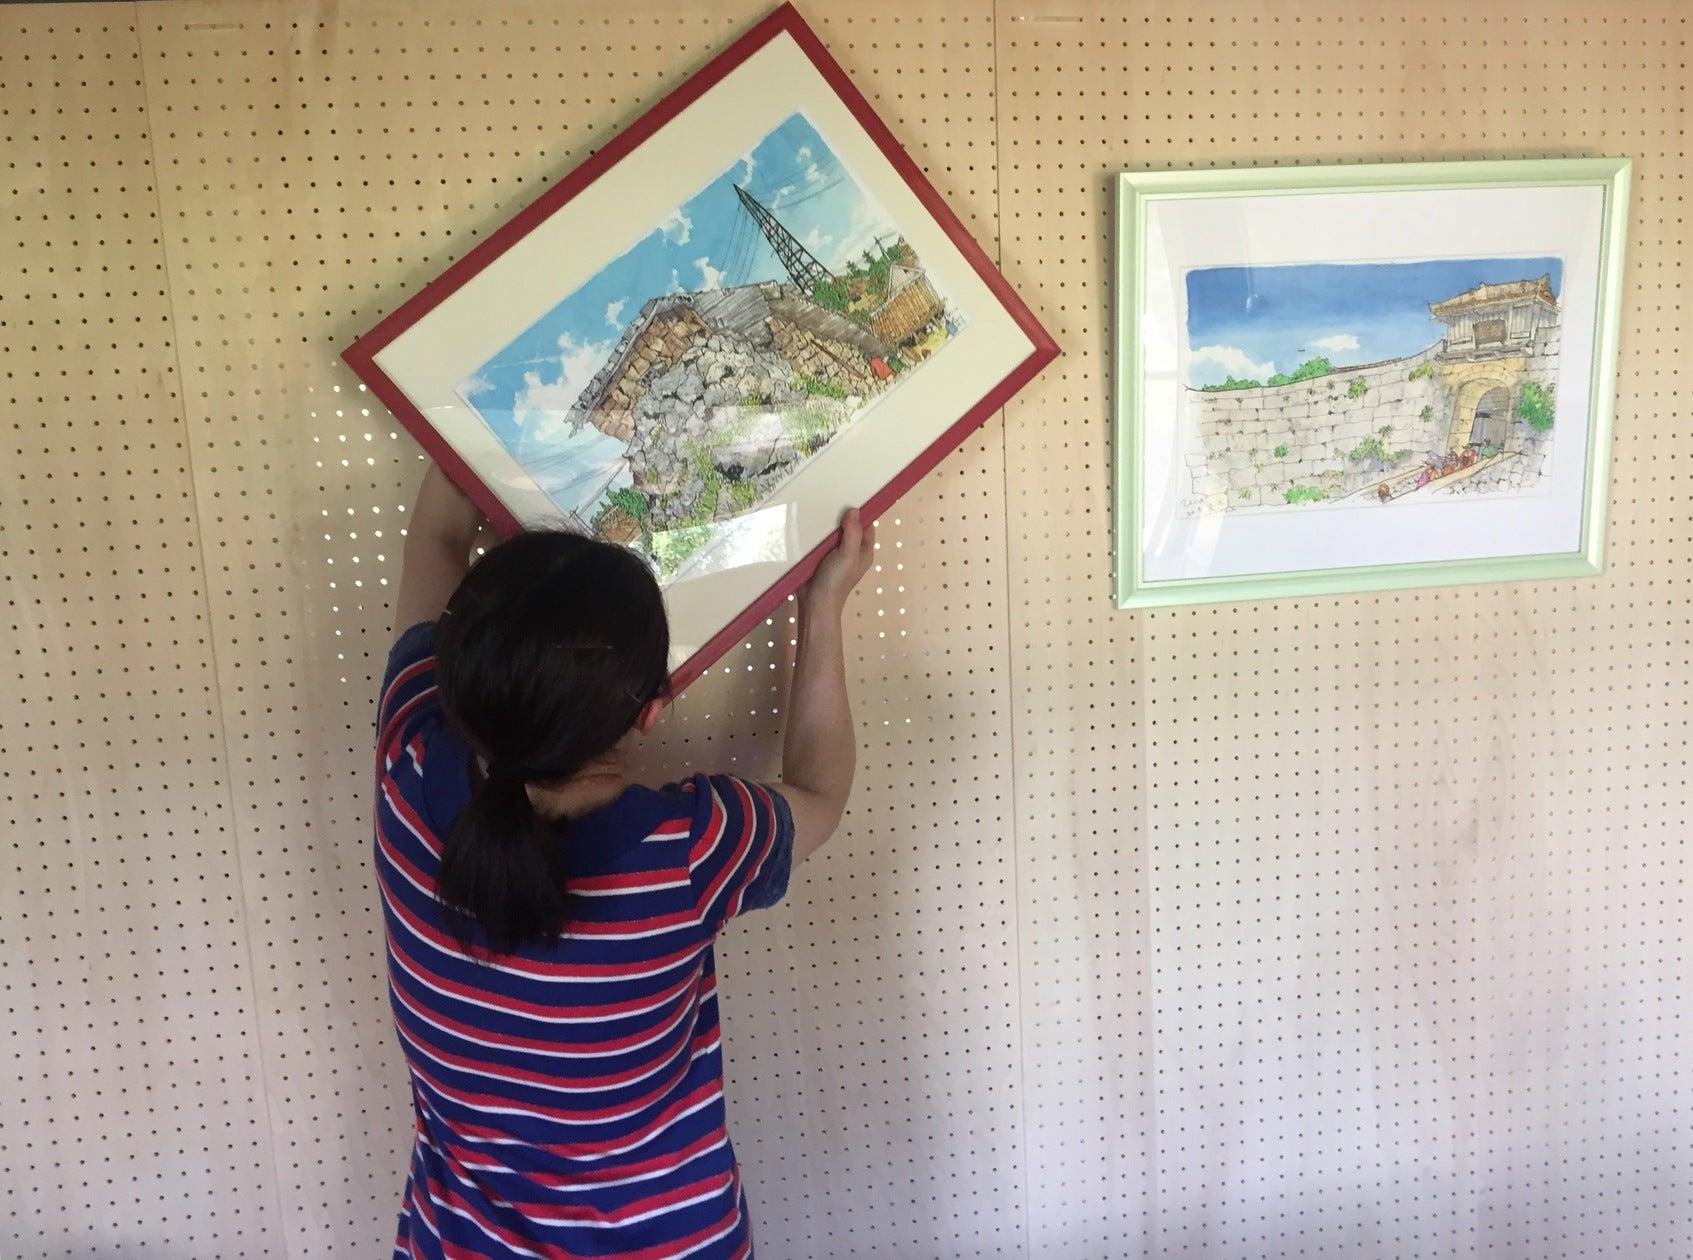 [ 1階洋室 ] 京王沿線日野・八王子。浅川沿いのリラックスできる空き家活用のイベント・オフィススペース、写真撮影・ロケにも([ 1階洋室 ] 浅川沿いのリラックスできる空き家活用のイベント・オフィススペース) の写真0